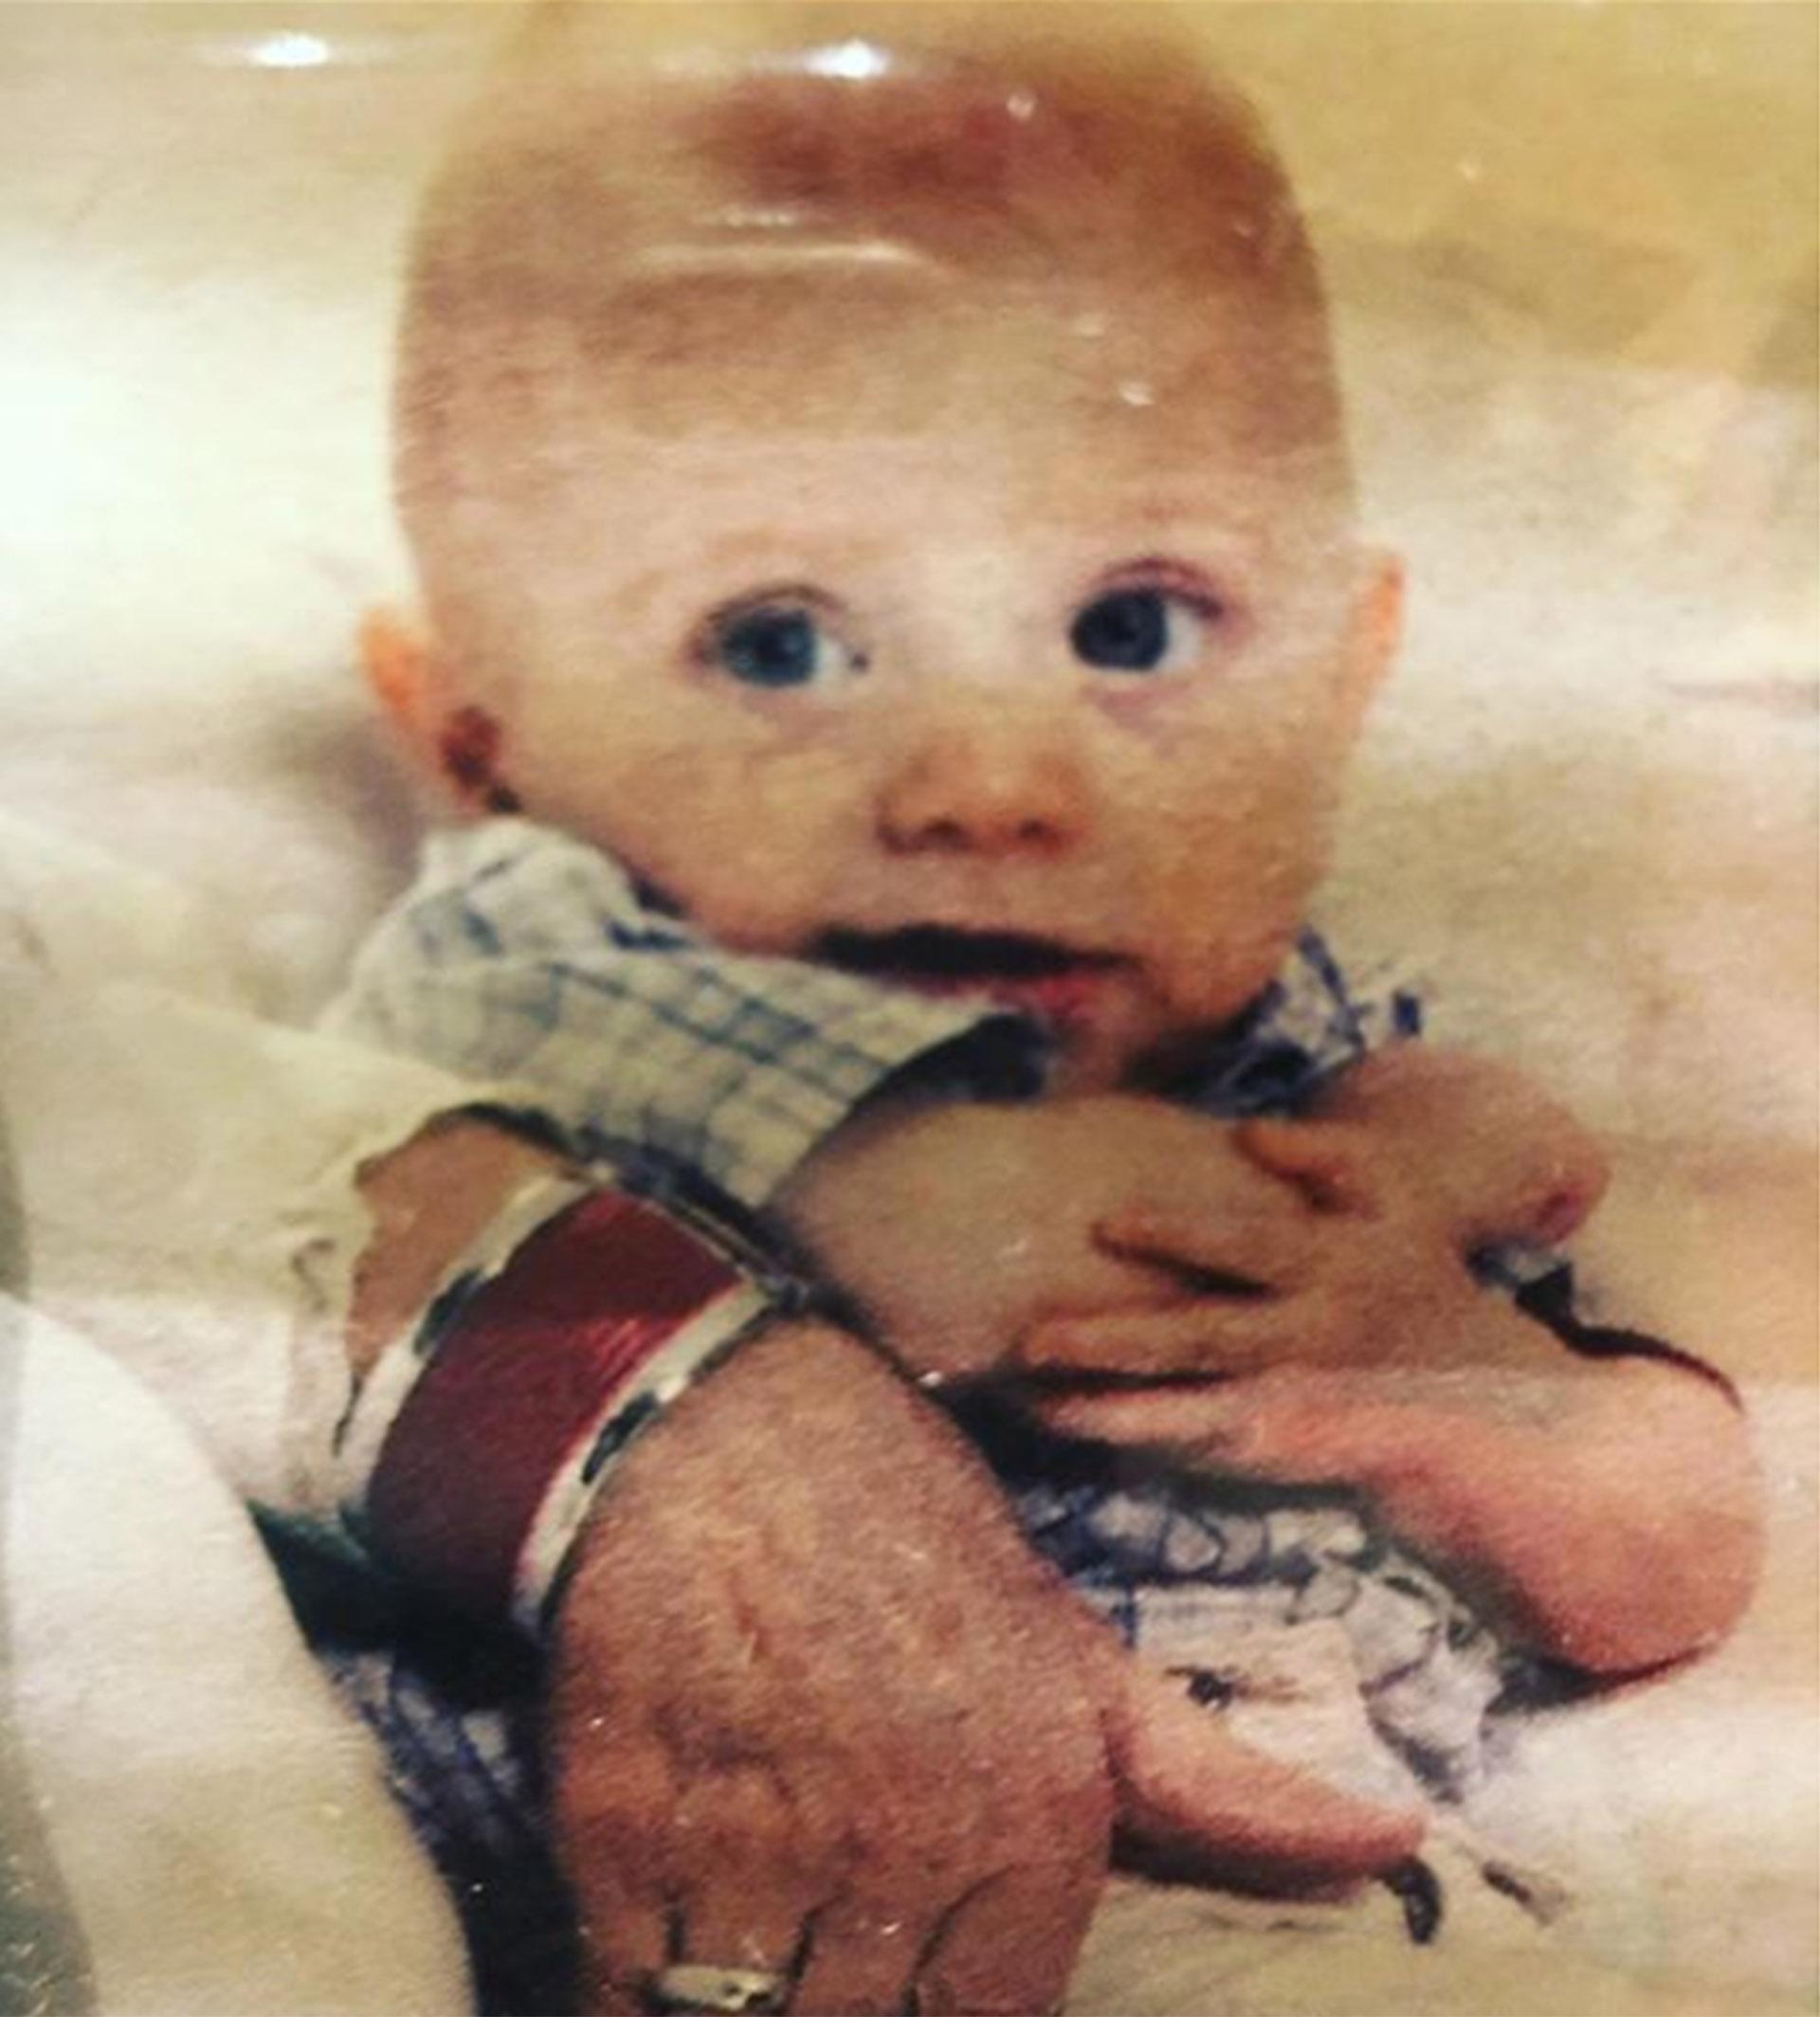 """La calidad de la foto no es la mejor. Y es lo que menos importa. Porque ese hermoso bebé se llama Facundo. Es hijo deMaru Botana. Y este viernes 21 de septiembre se cumplieron diez años de su muerte absurda -que siempre lo es, pero eneste caso más que nunca-. La cocinera lo recordó en las redes con esa foto. Y estas palabras: """"Mi lindo Facu, nunca entendí el por qué ni el para qué. Esa mano que te abraza es la de tu abuela, que tanto te ama y reza"""". Porque en esos brazos, el corazón de Facundo dejó de latir. Nunca se entenderá el por qué. Hay preguntas que solo pueden formularse(Instagram)"""